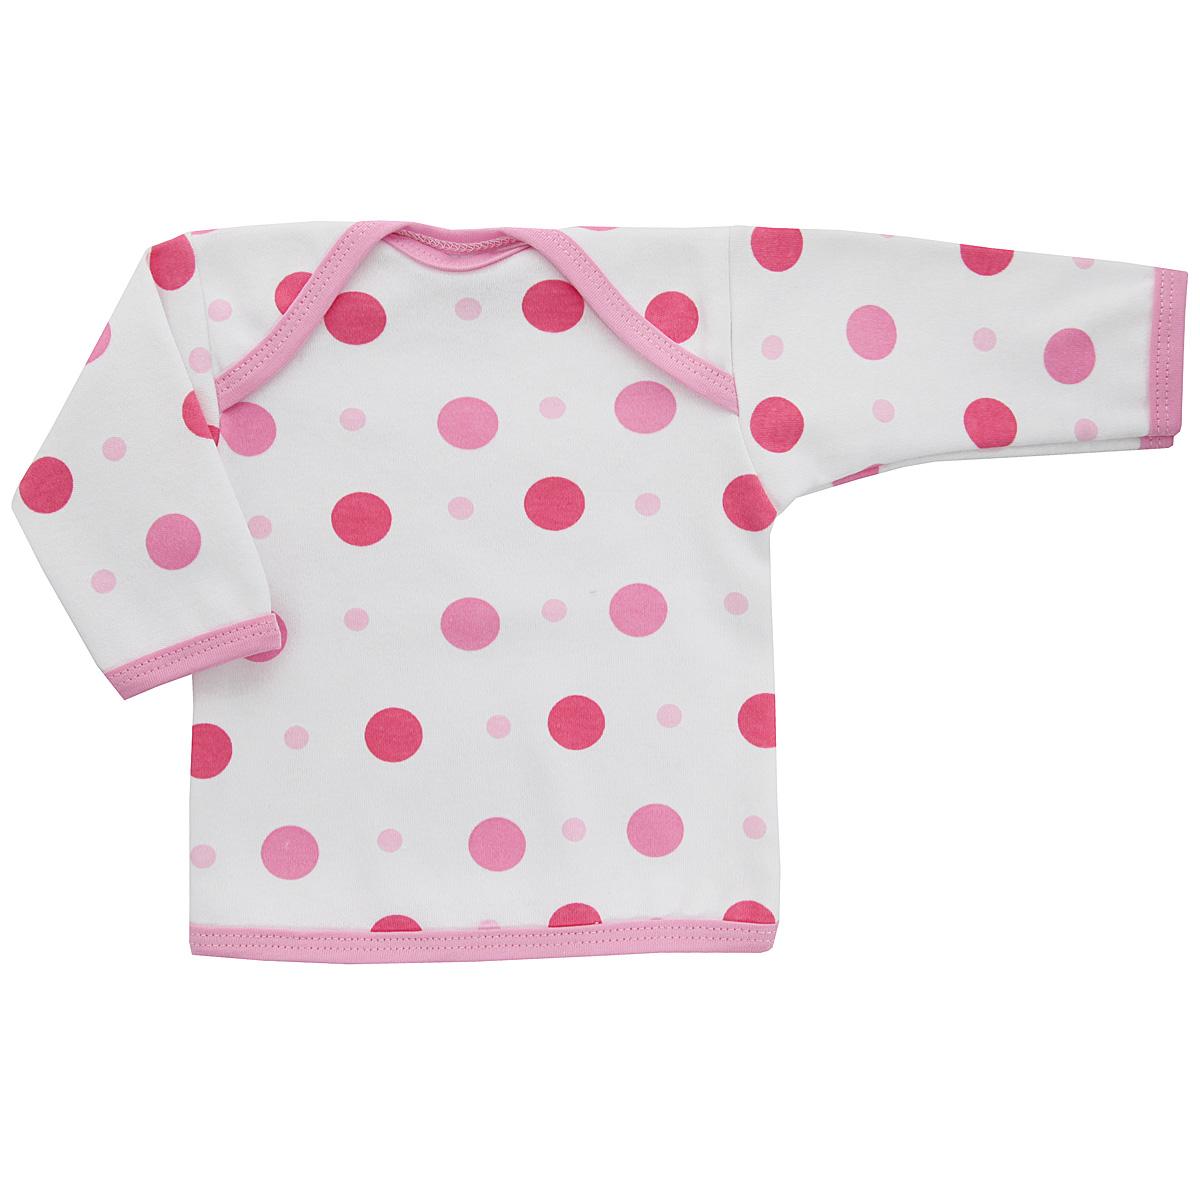 Футболка с длинным рукавом детская Трон-плюс, цвет: белый, розовый. 5611_горох. Размер 62, 3 месяца5611_горохУдобная детская футболка Трон-плюс с длинными рукавами послужит идеальным дополнением к гардеробу вашего ребенка, обеспечивая ему наибольший комфорт. Изготовленная из интерлока - натурального хлопка, она необычайно мягкая и легкая, не раздражает нежную кожу ребенка и хорошо вентилируется, а эластичные швы приятны телу ребенка и не препятствуют его движениям. Удобные запахи на плечах помогают легко переодеть младенца. Горловина, низ модели и низ рукавов дополнены трикотажной бейкой. Спинка модели незначительно укорочена. Оформлено изделие гороховым принтом. Футболка полностью соответствует особенностям жизни ребенка в ранний период, не стесняя и не ограничивая его в движениях.